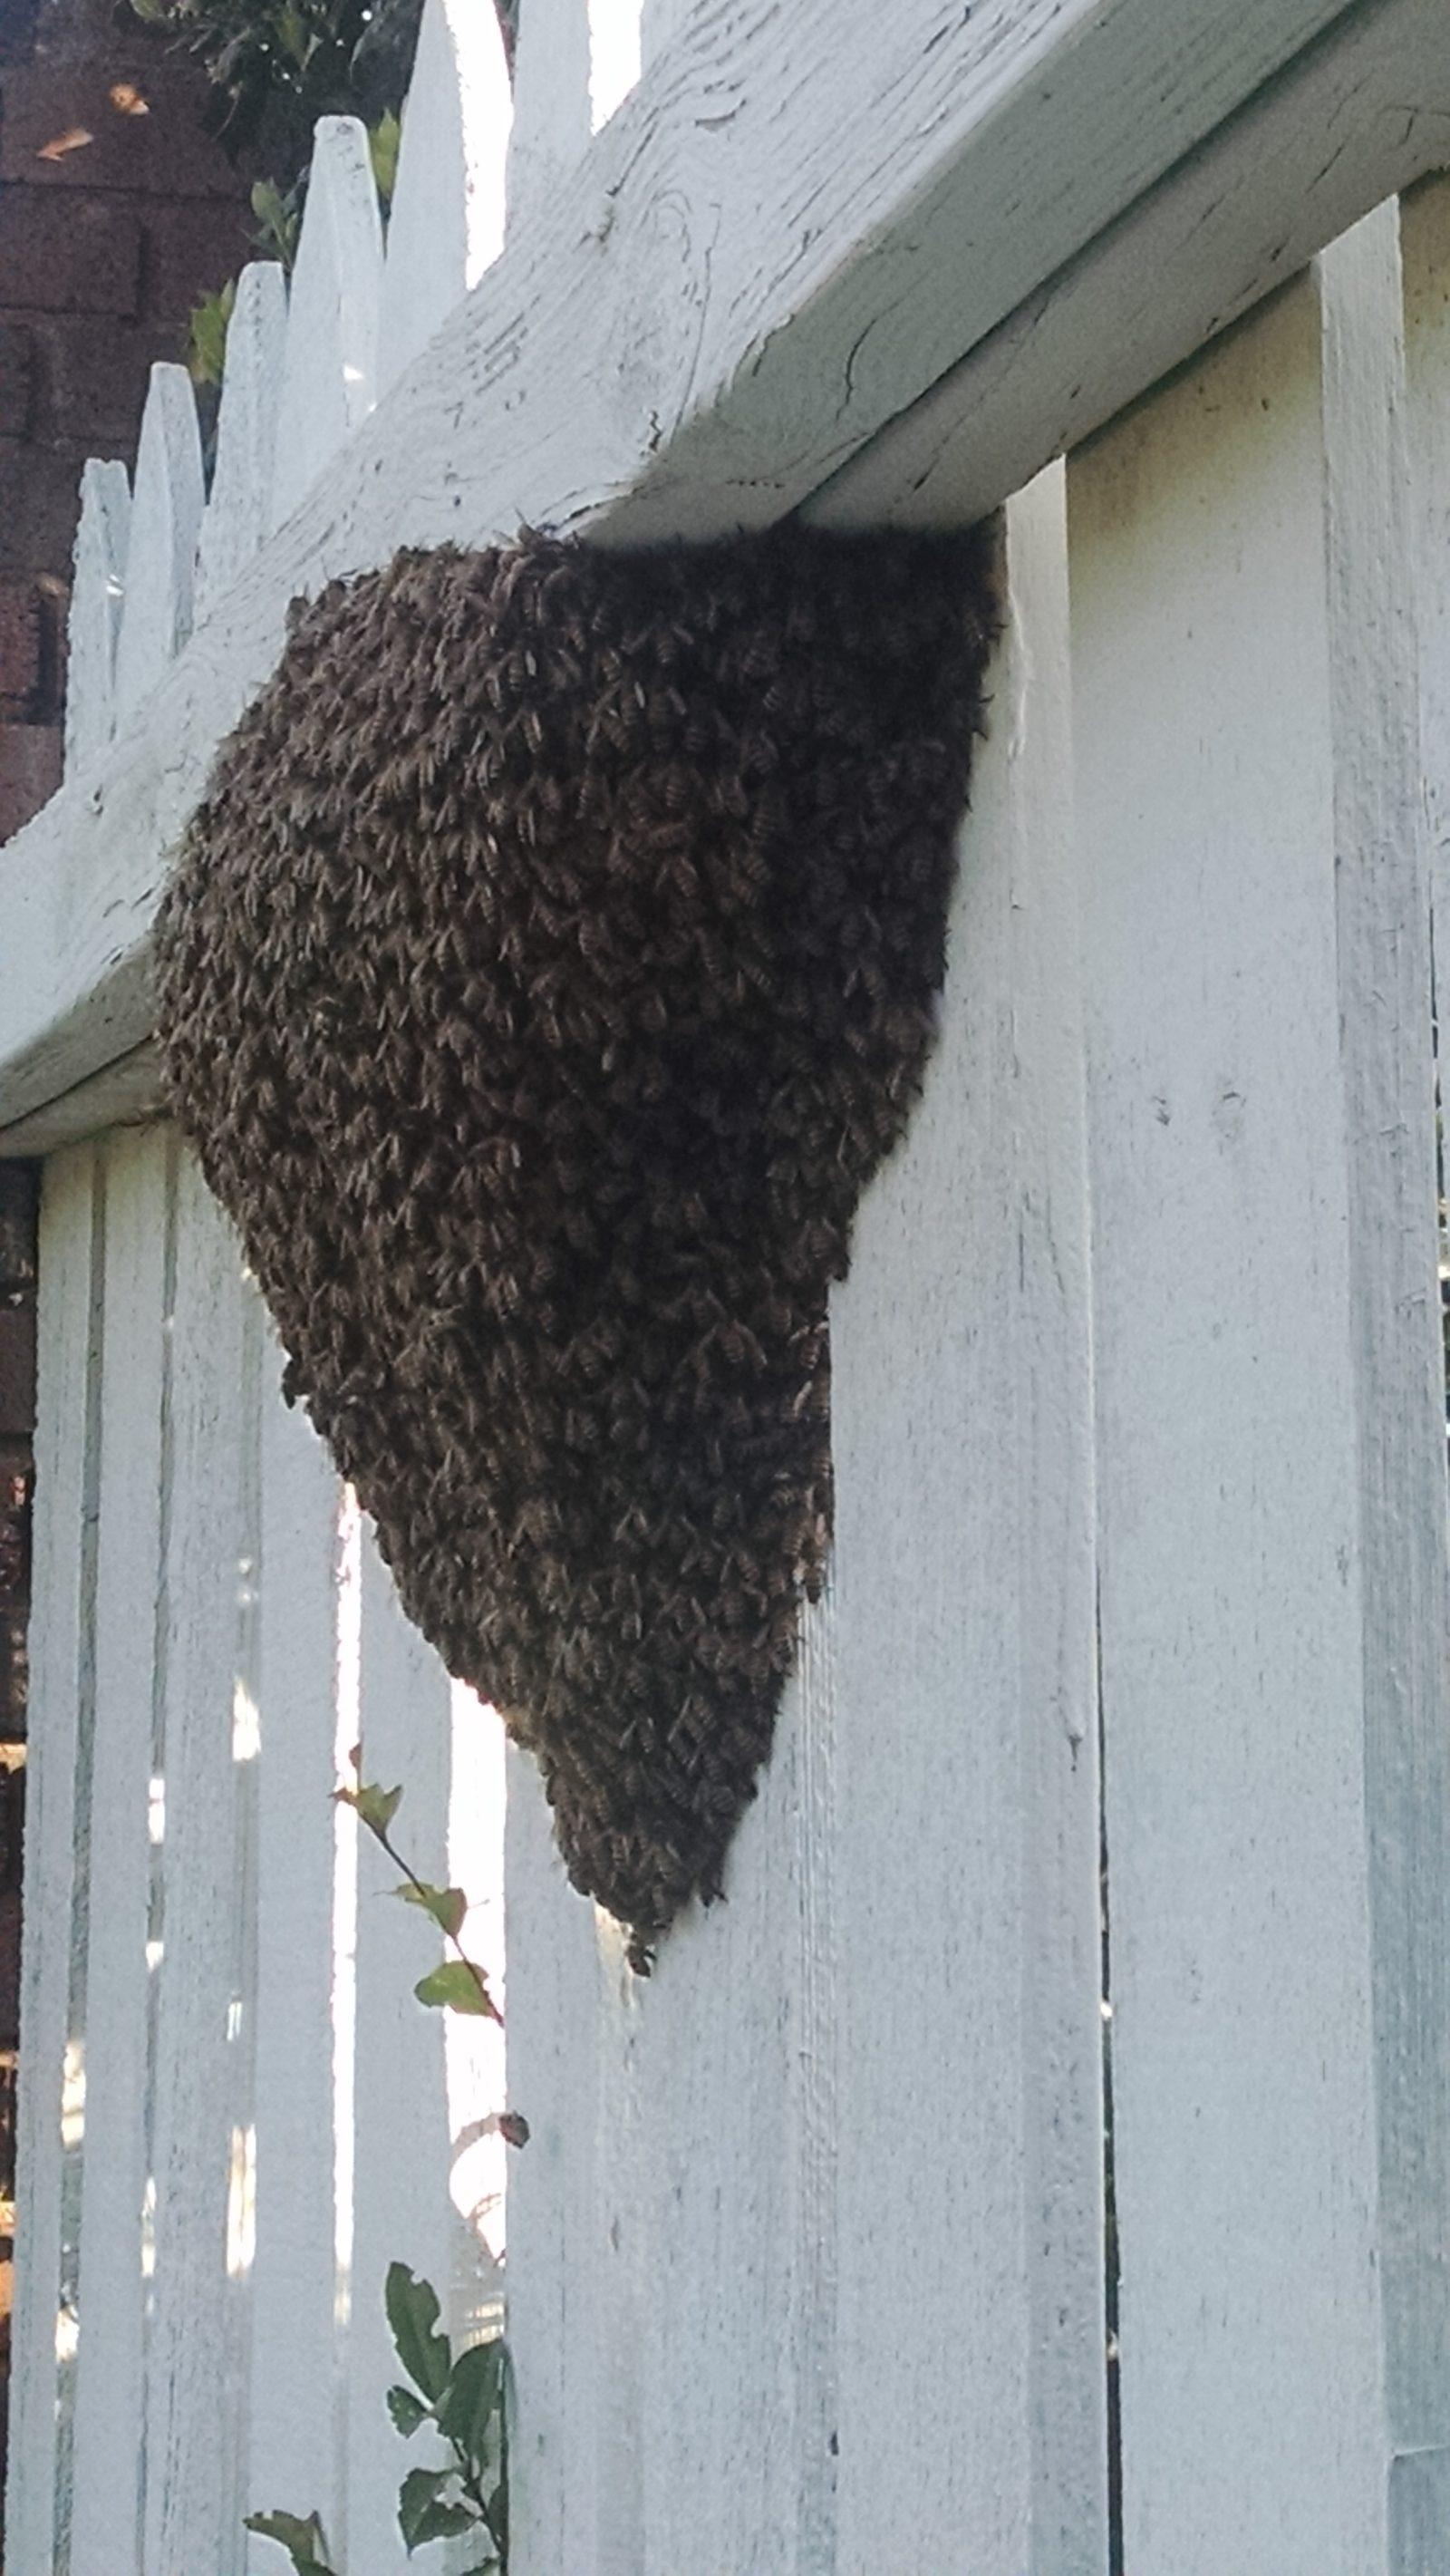 4.19.16 Bennar swarm